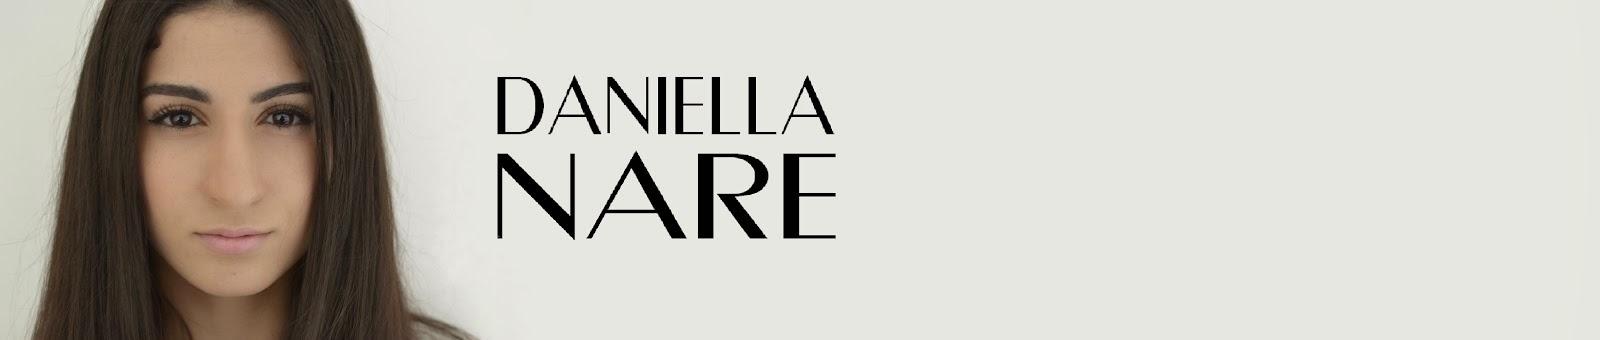 Daniella Nare